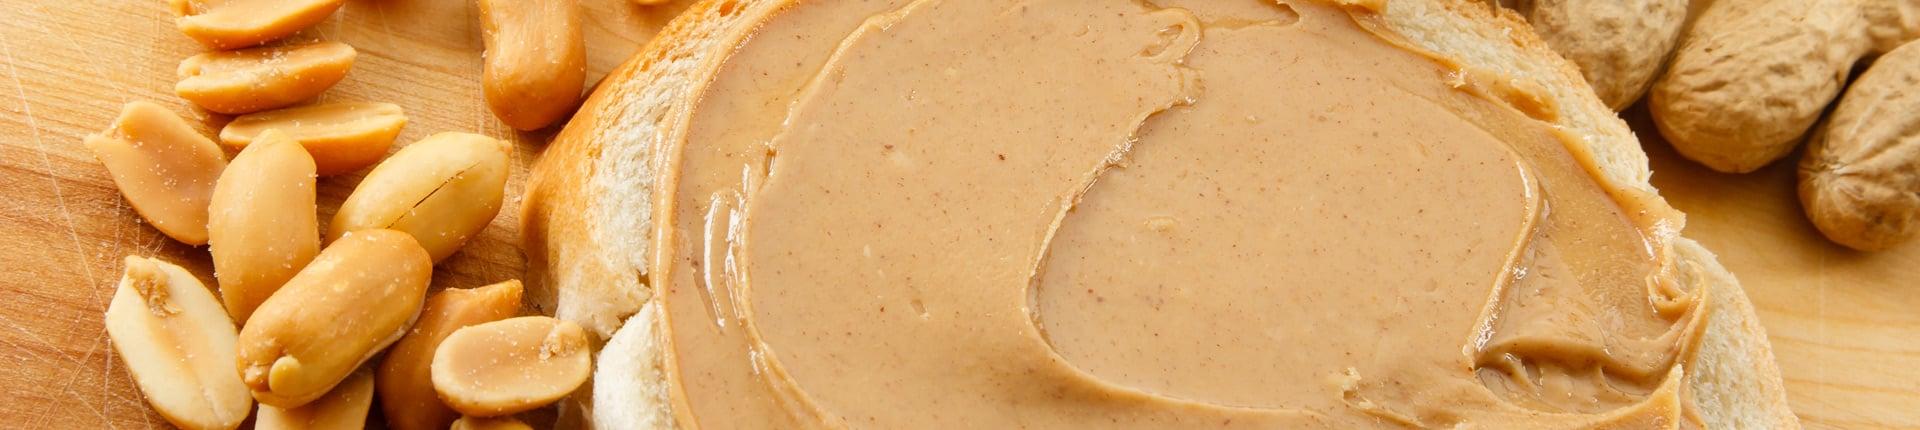 Masło orzechowe - smakowity dodatek w diecie sportowca